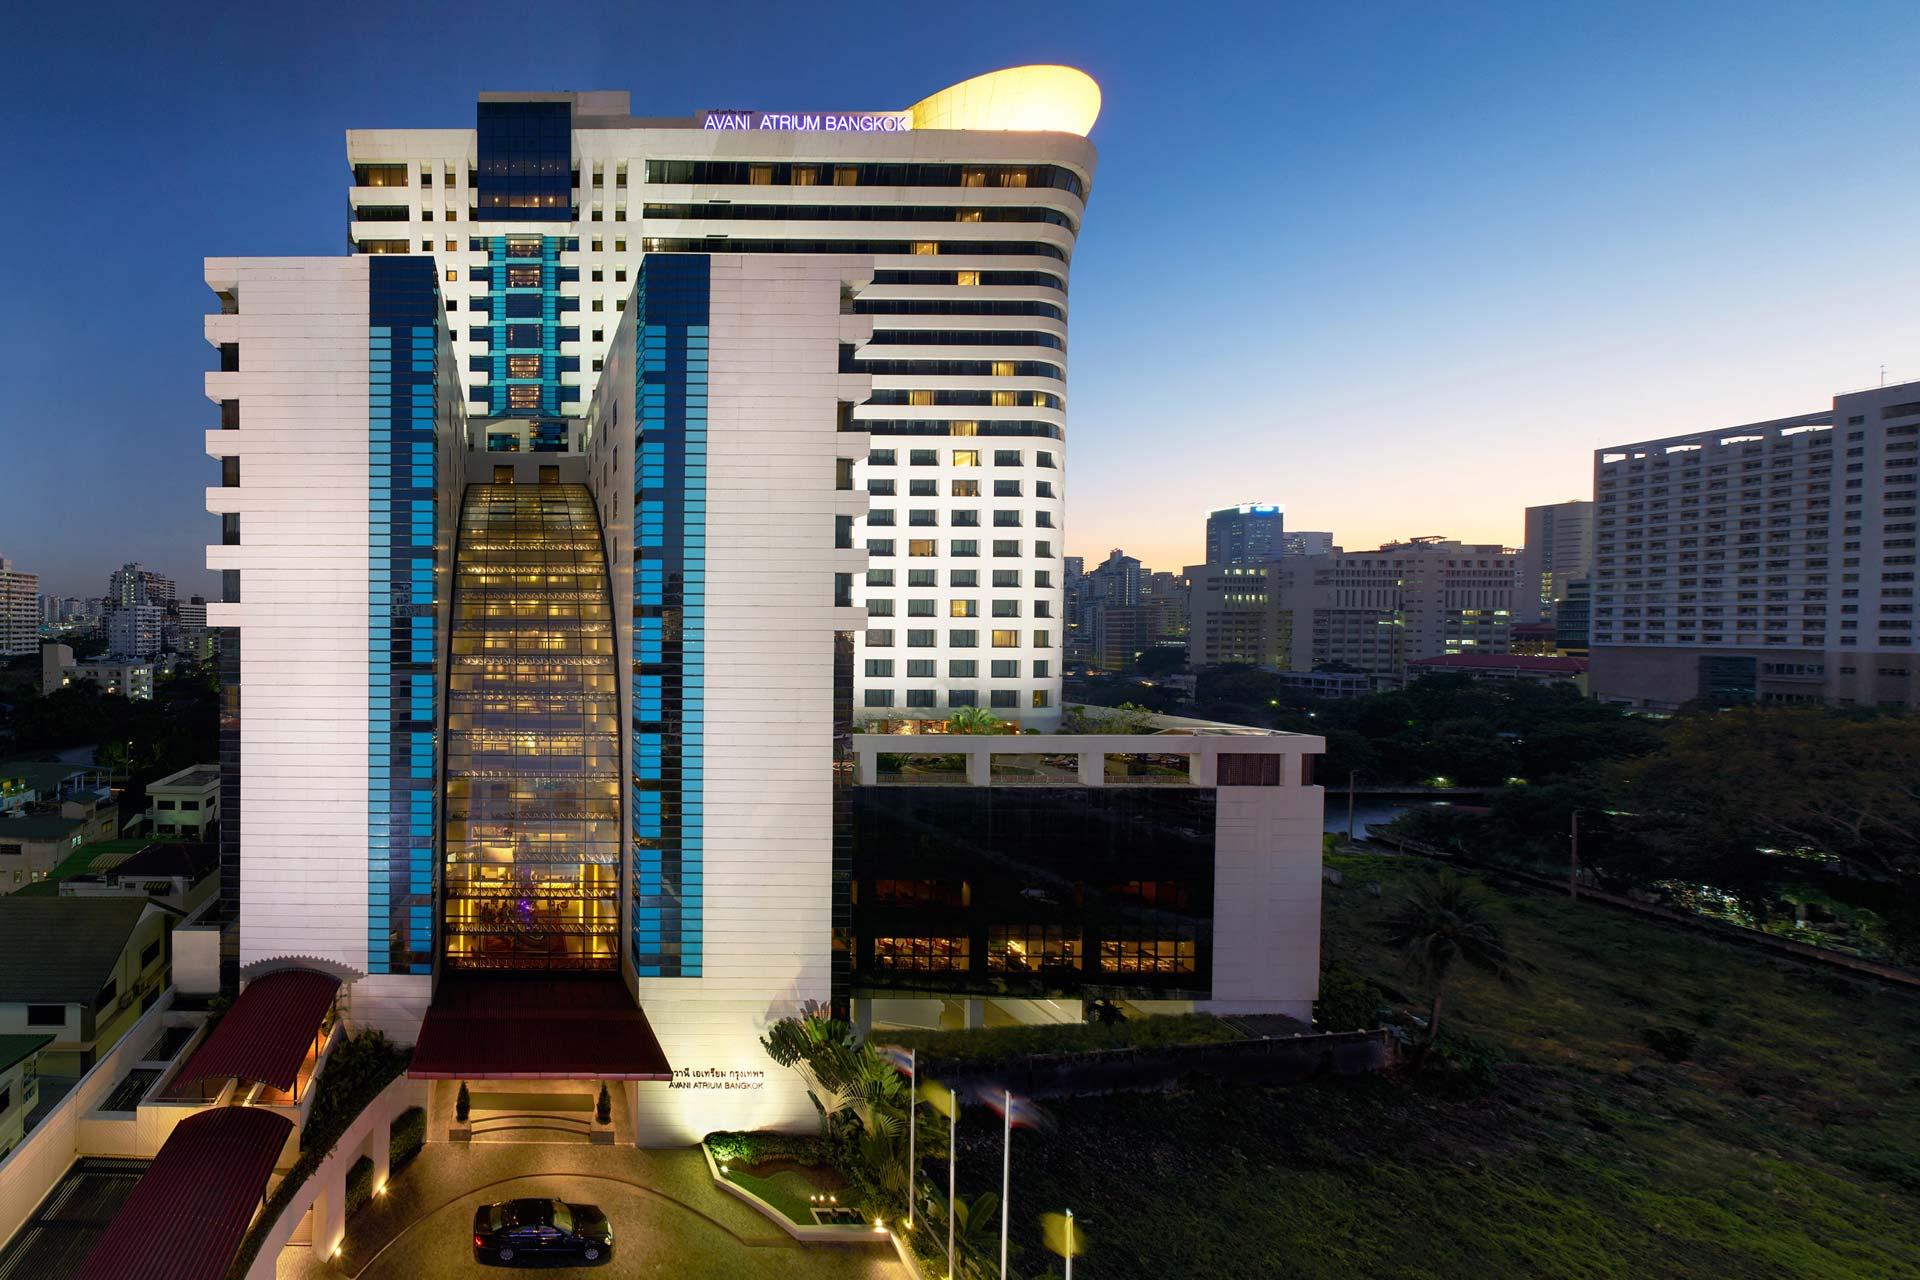 Exterior view of Atrium Bangkok Hotel